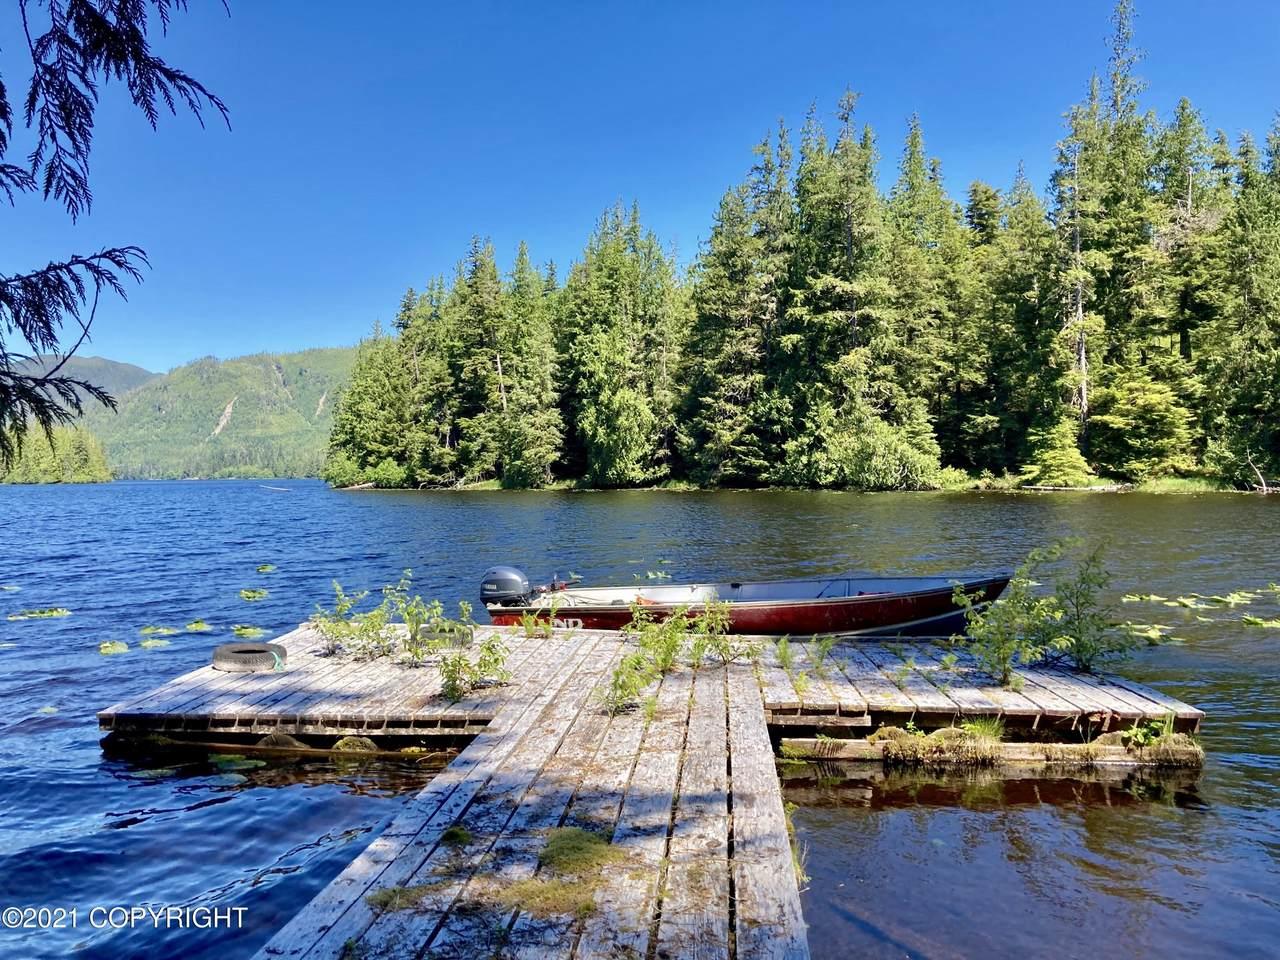 L 169 Klawock Lake - Photo 1